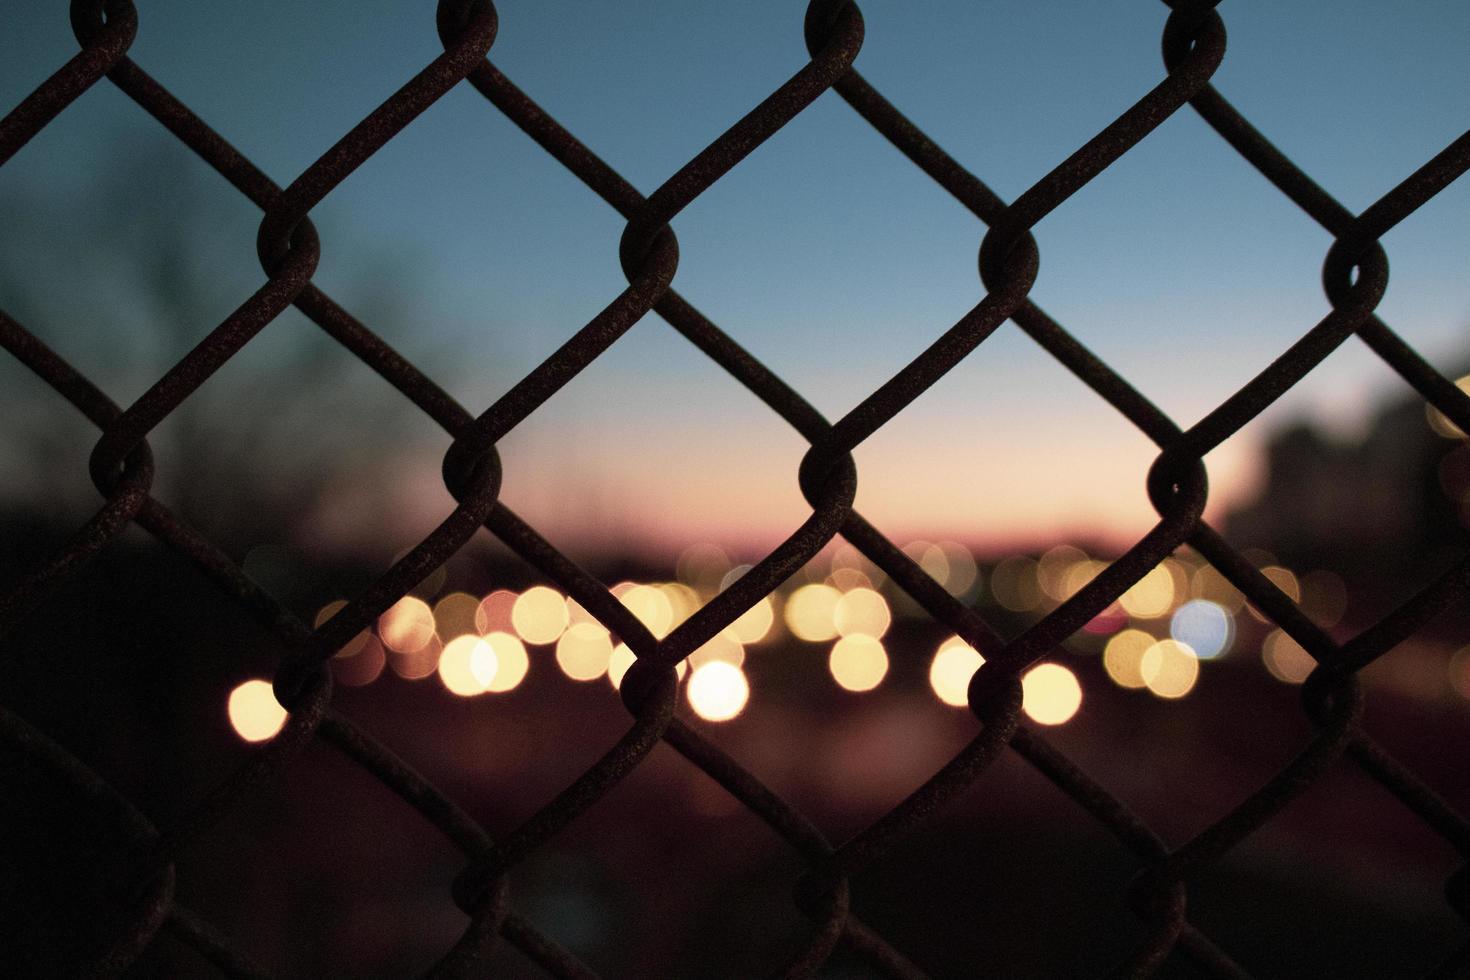 silueta de valla y luces de la ciudad, fuera de foco foto